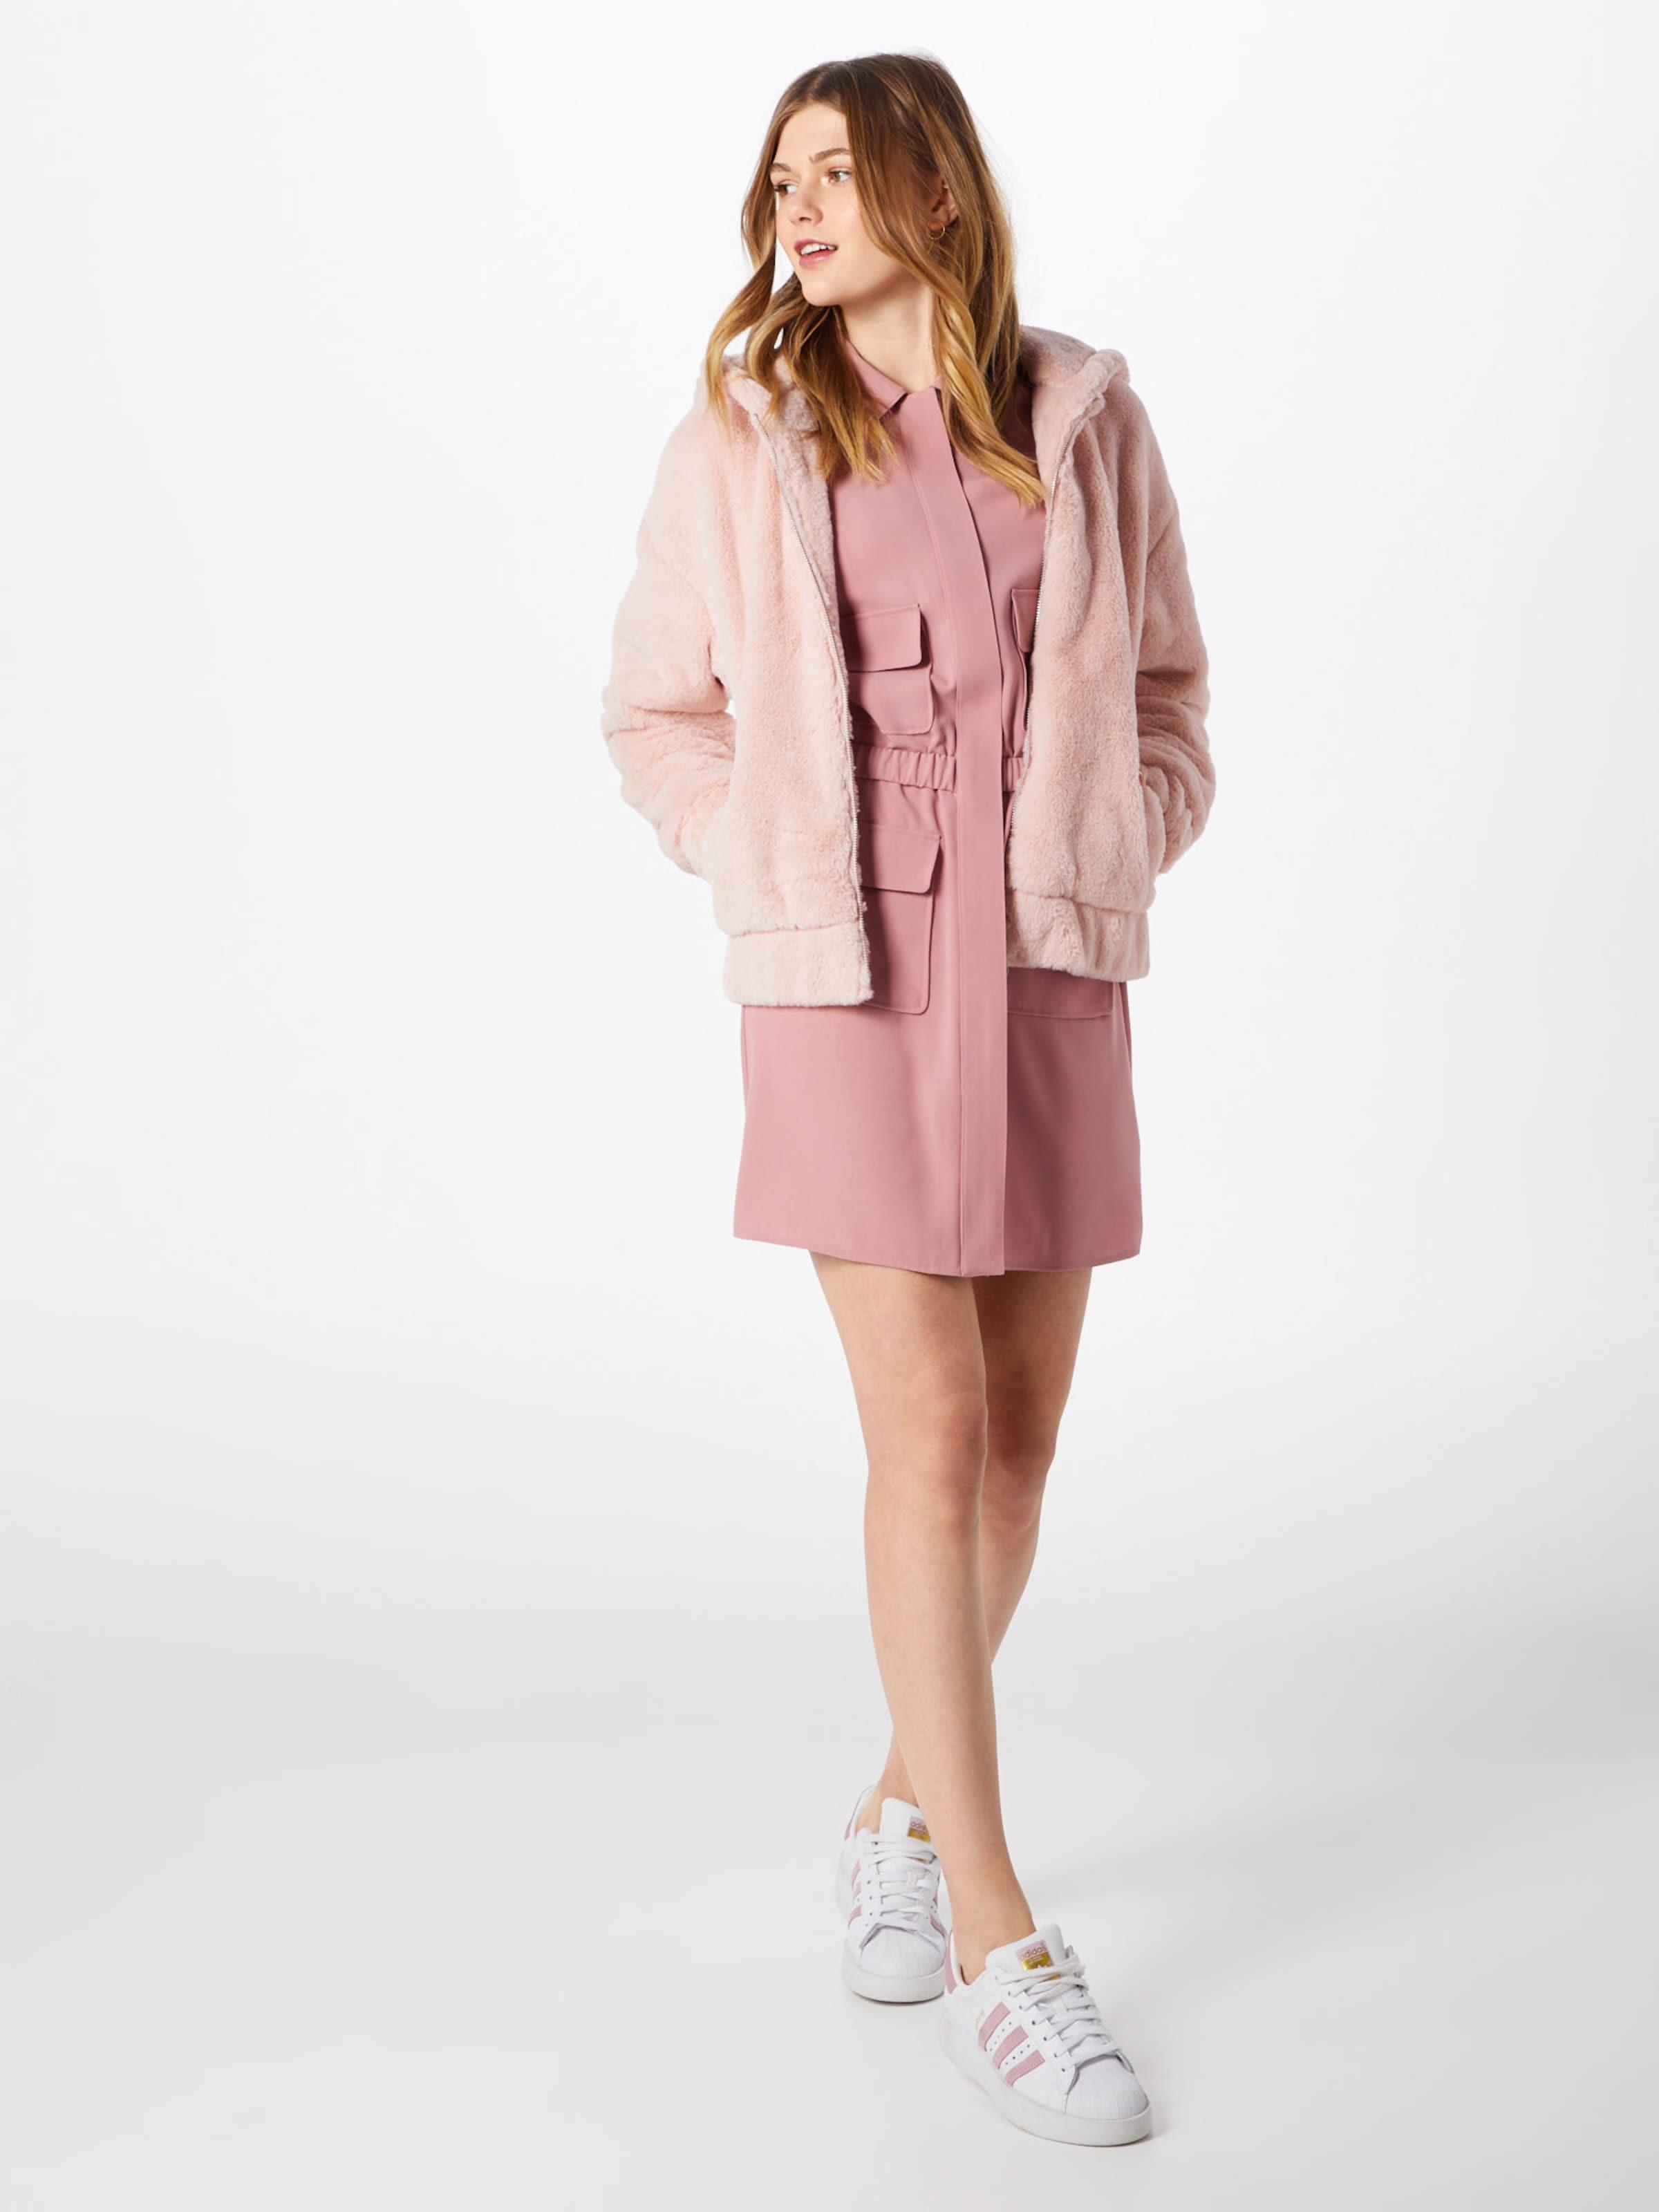 Urban Classics Teddy De Rose En Survêtement 'ladies Jacket' Veste fgb7y6